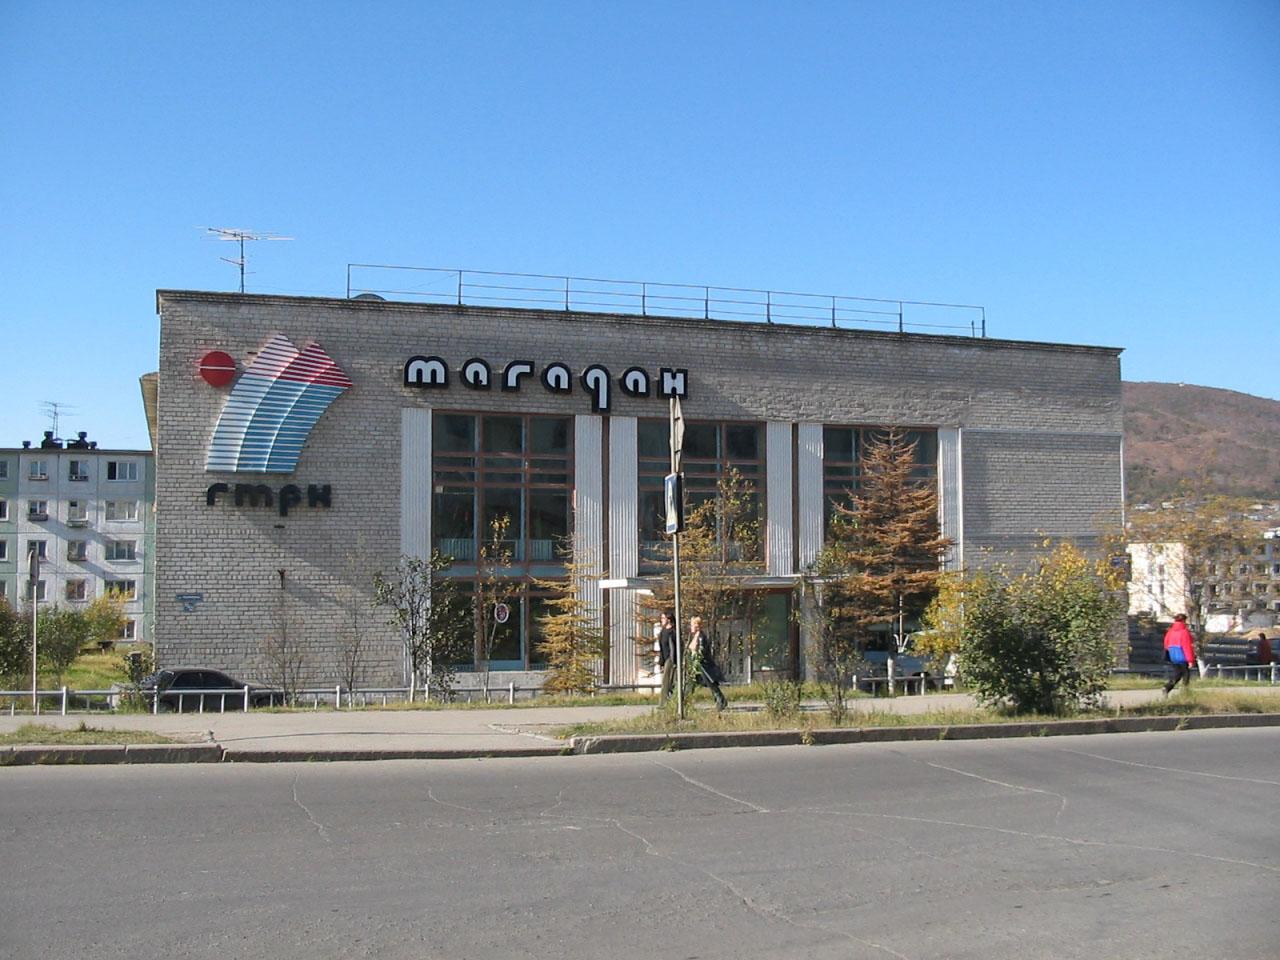 В 1965 году веден в эксплуатацию новый Дом Радио в Магадане по адресу: Коммуны, 8/12. Оснащен новейшей отечественной и импортной аппаратурой. Авторы проекта - Л.А. Макаревич, Р.А. Агасандов.